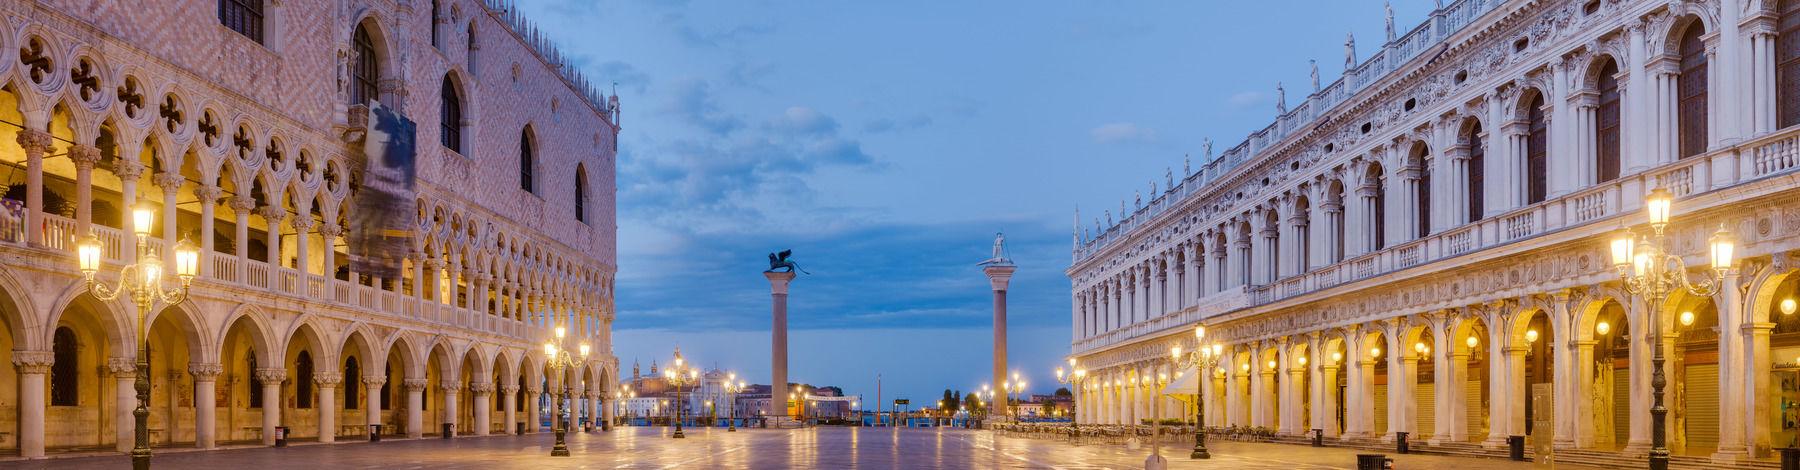 Venice Holidays Cheap Holidays To Venice